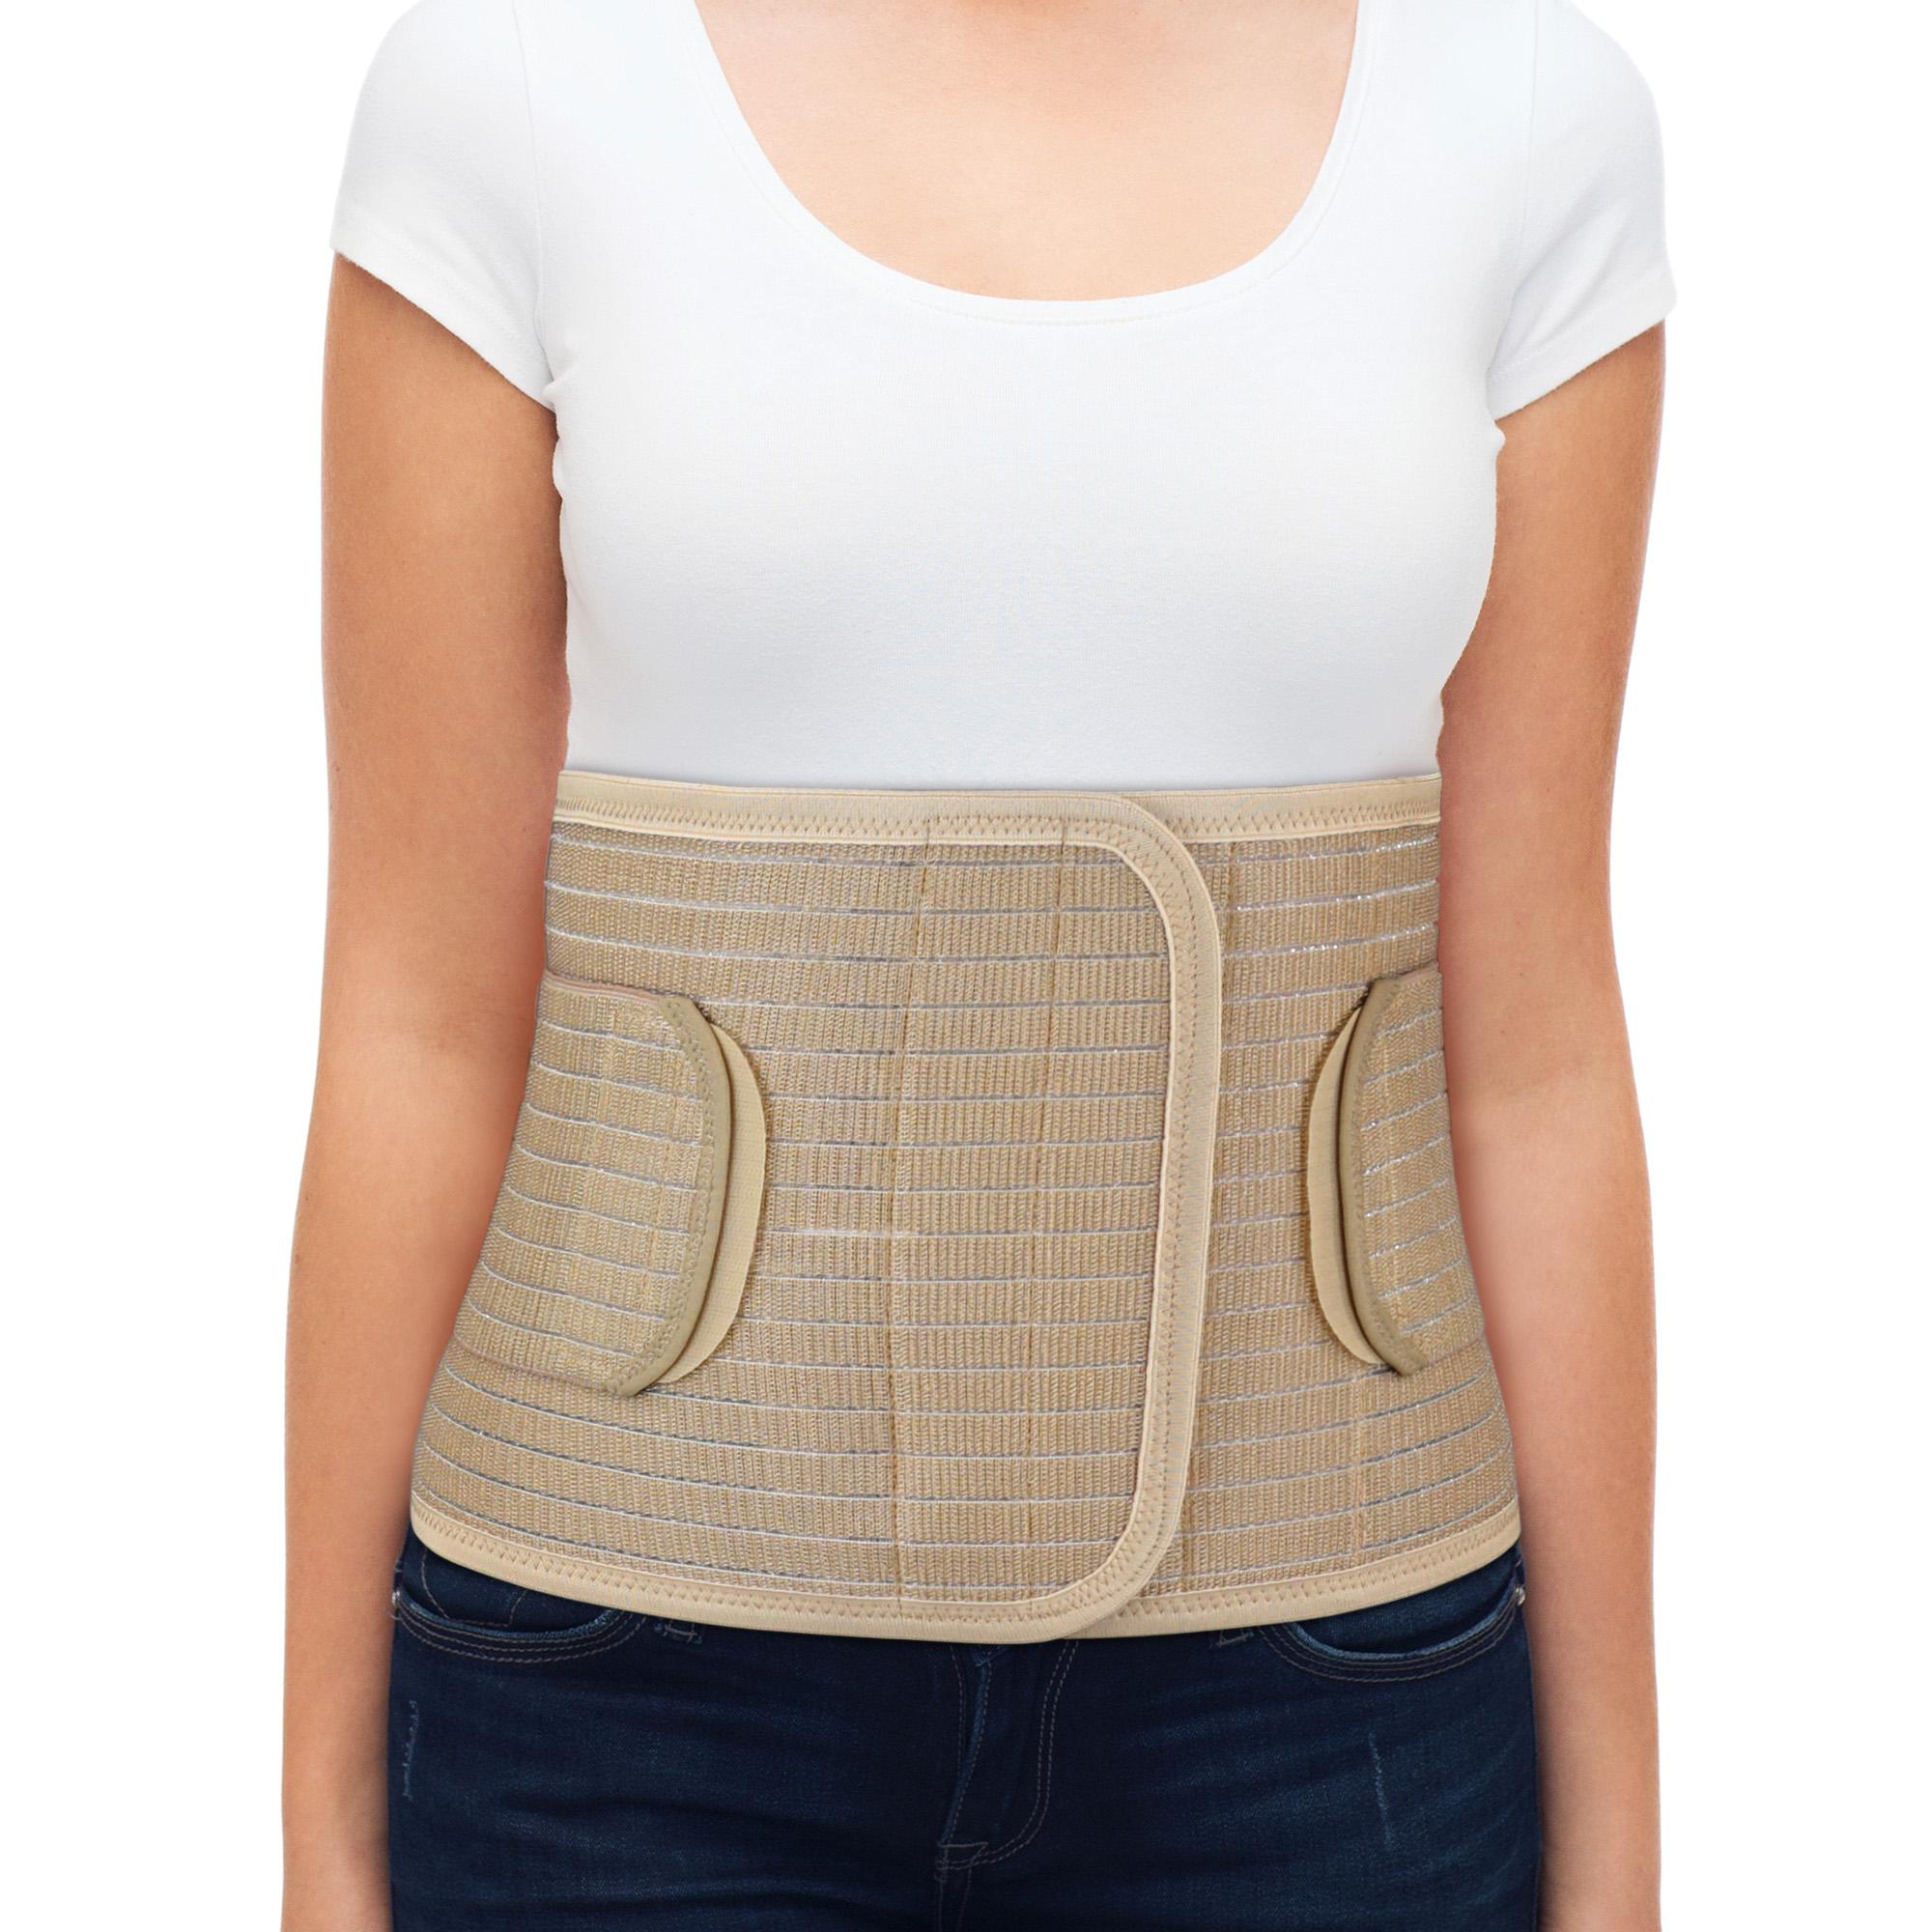 Assistica® Postpartum Bandage Abdominal Binder Belly Wrap Support Belt Girdle